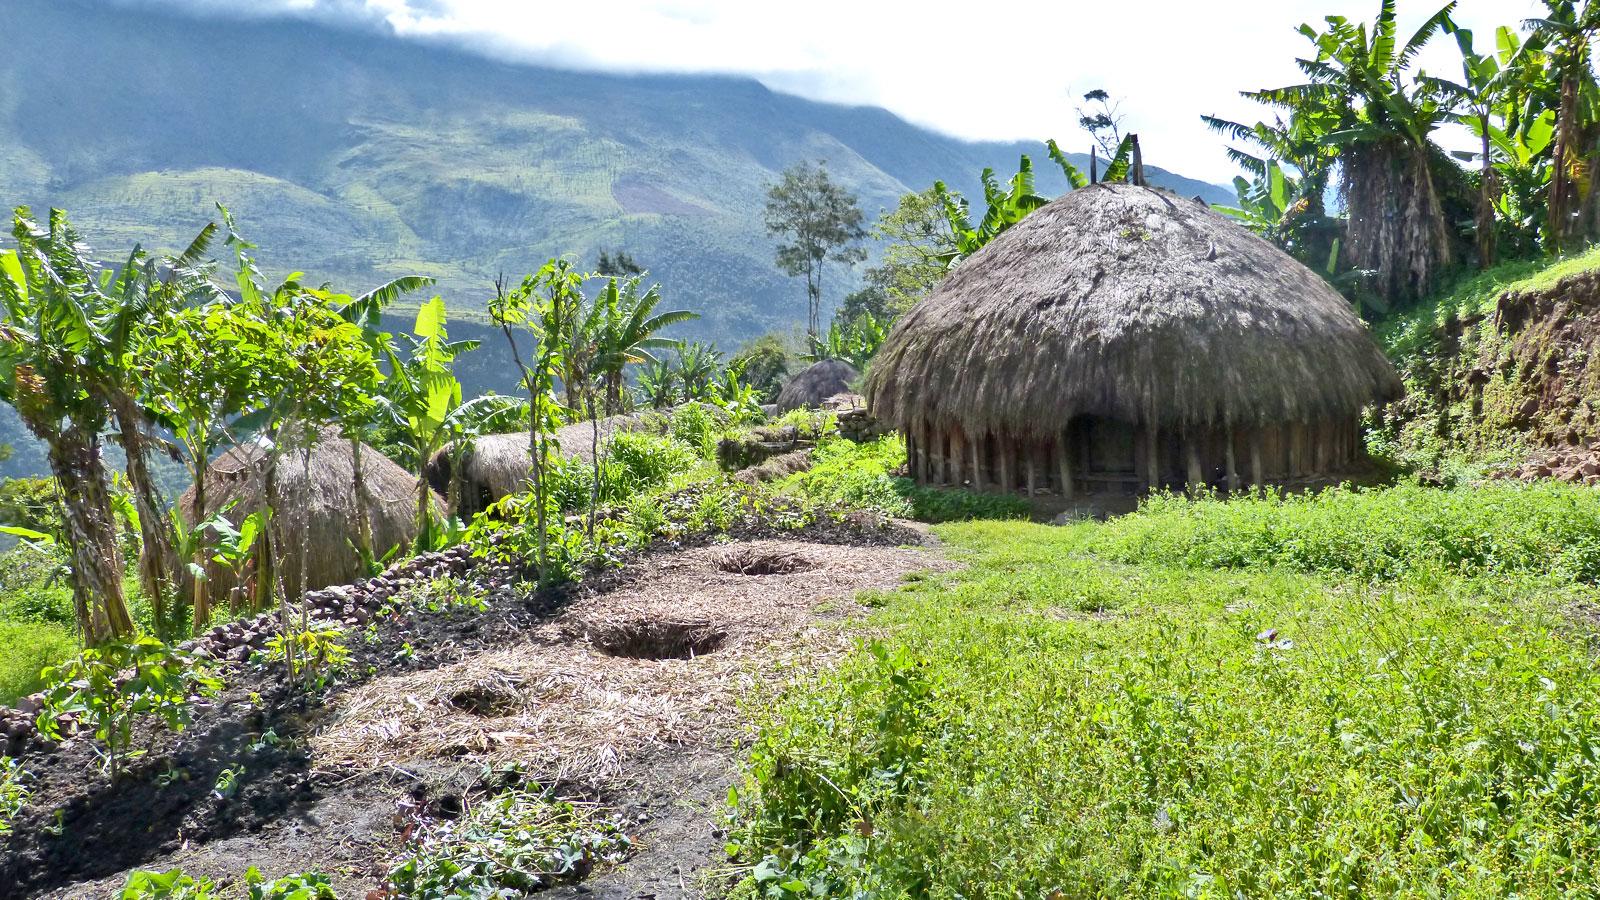 West Papua Dani Dogum Trekking im Baliem Valley Indonesien Expeditionsreise traveljunkies